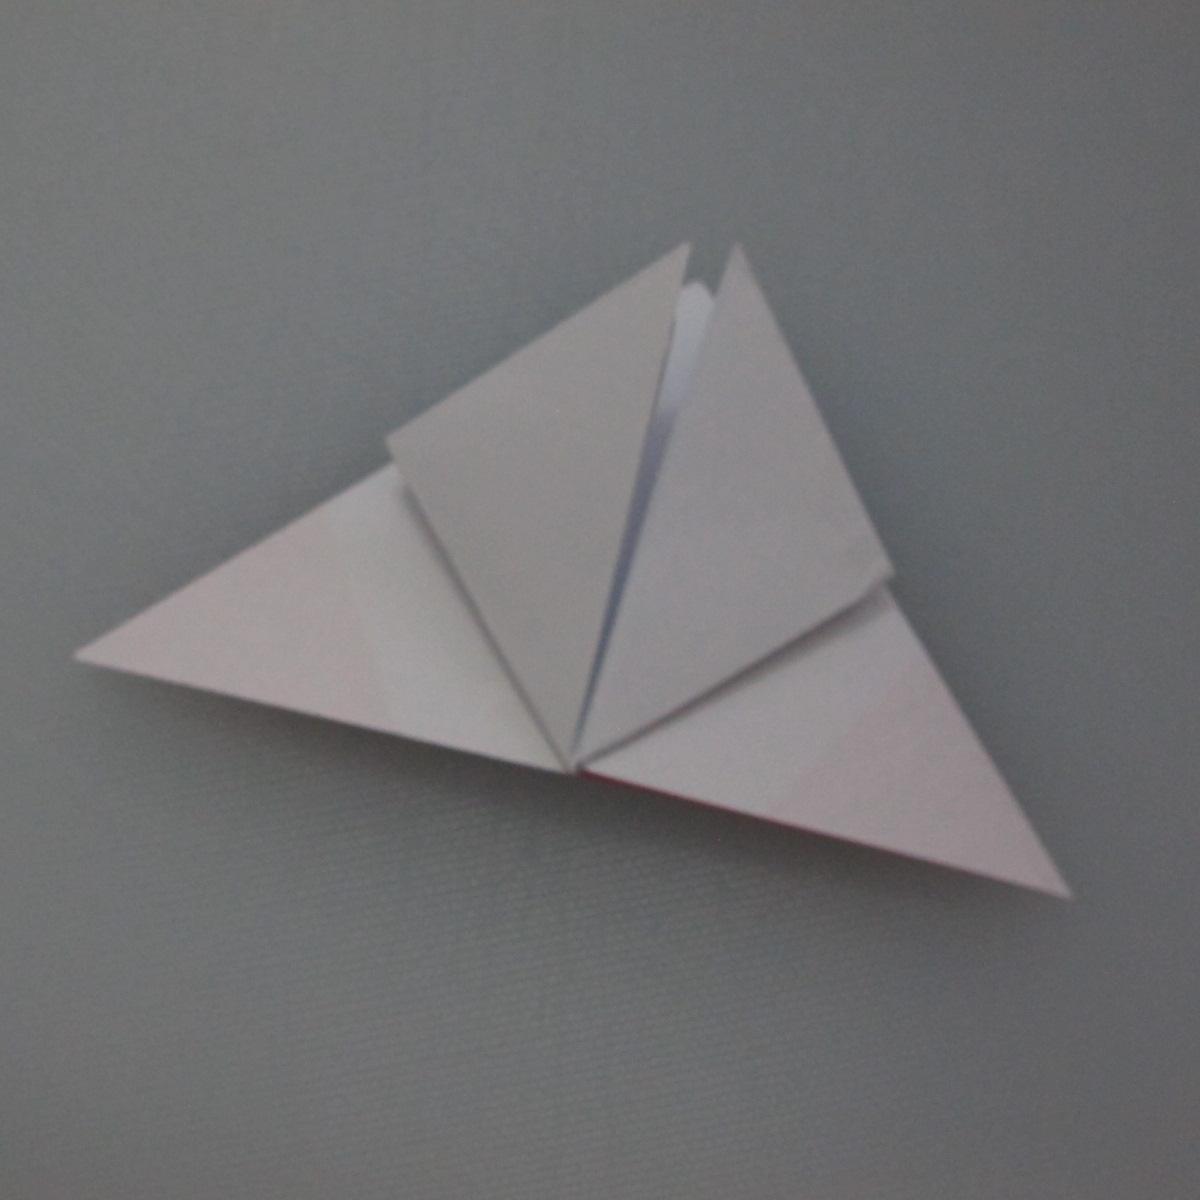 วิธีการพับกระดาษเป็นรูปกระต่าย 005